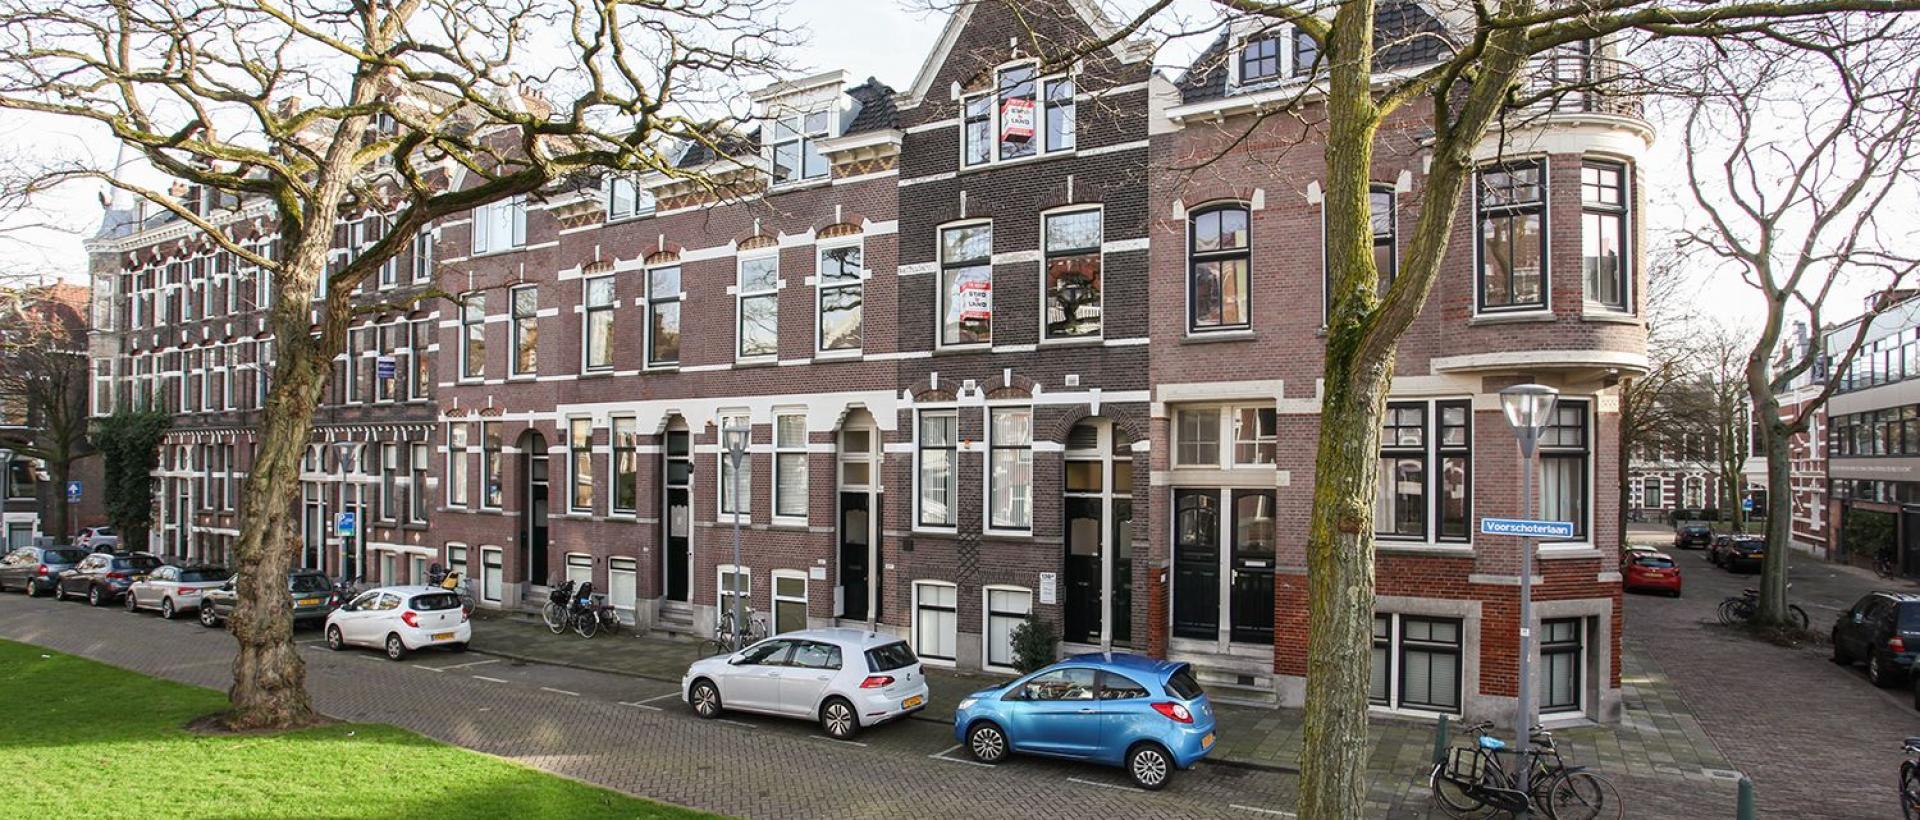 Voorschoterlaan, Rotterdam, Kralingen, Zuid-Holland - Riva Rentals ...